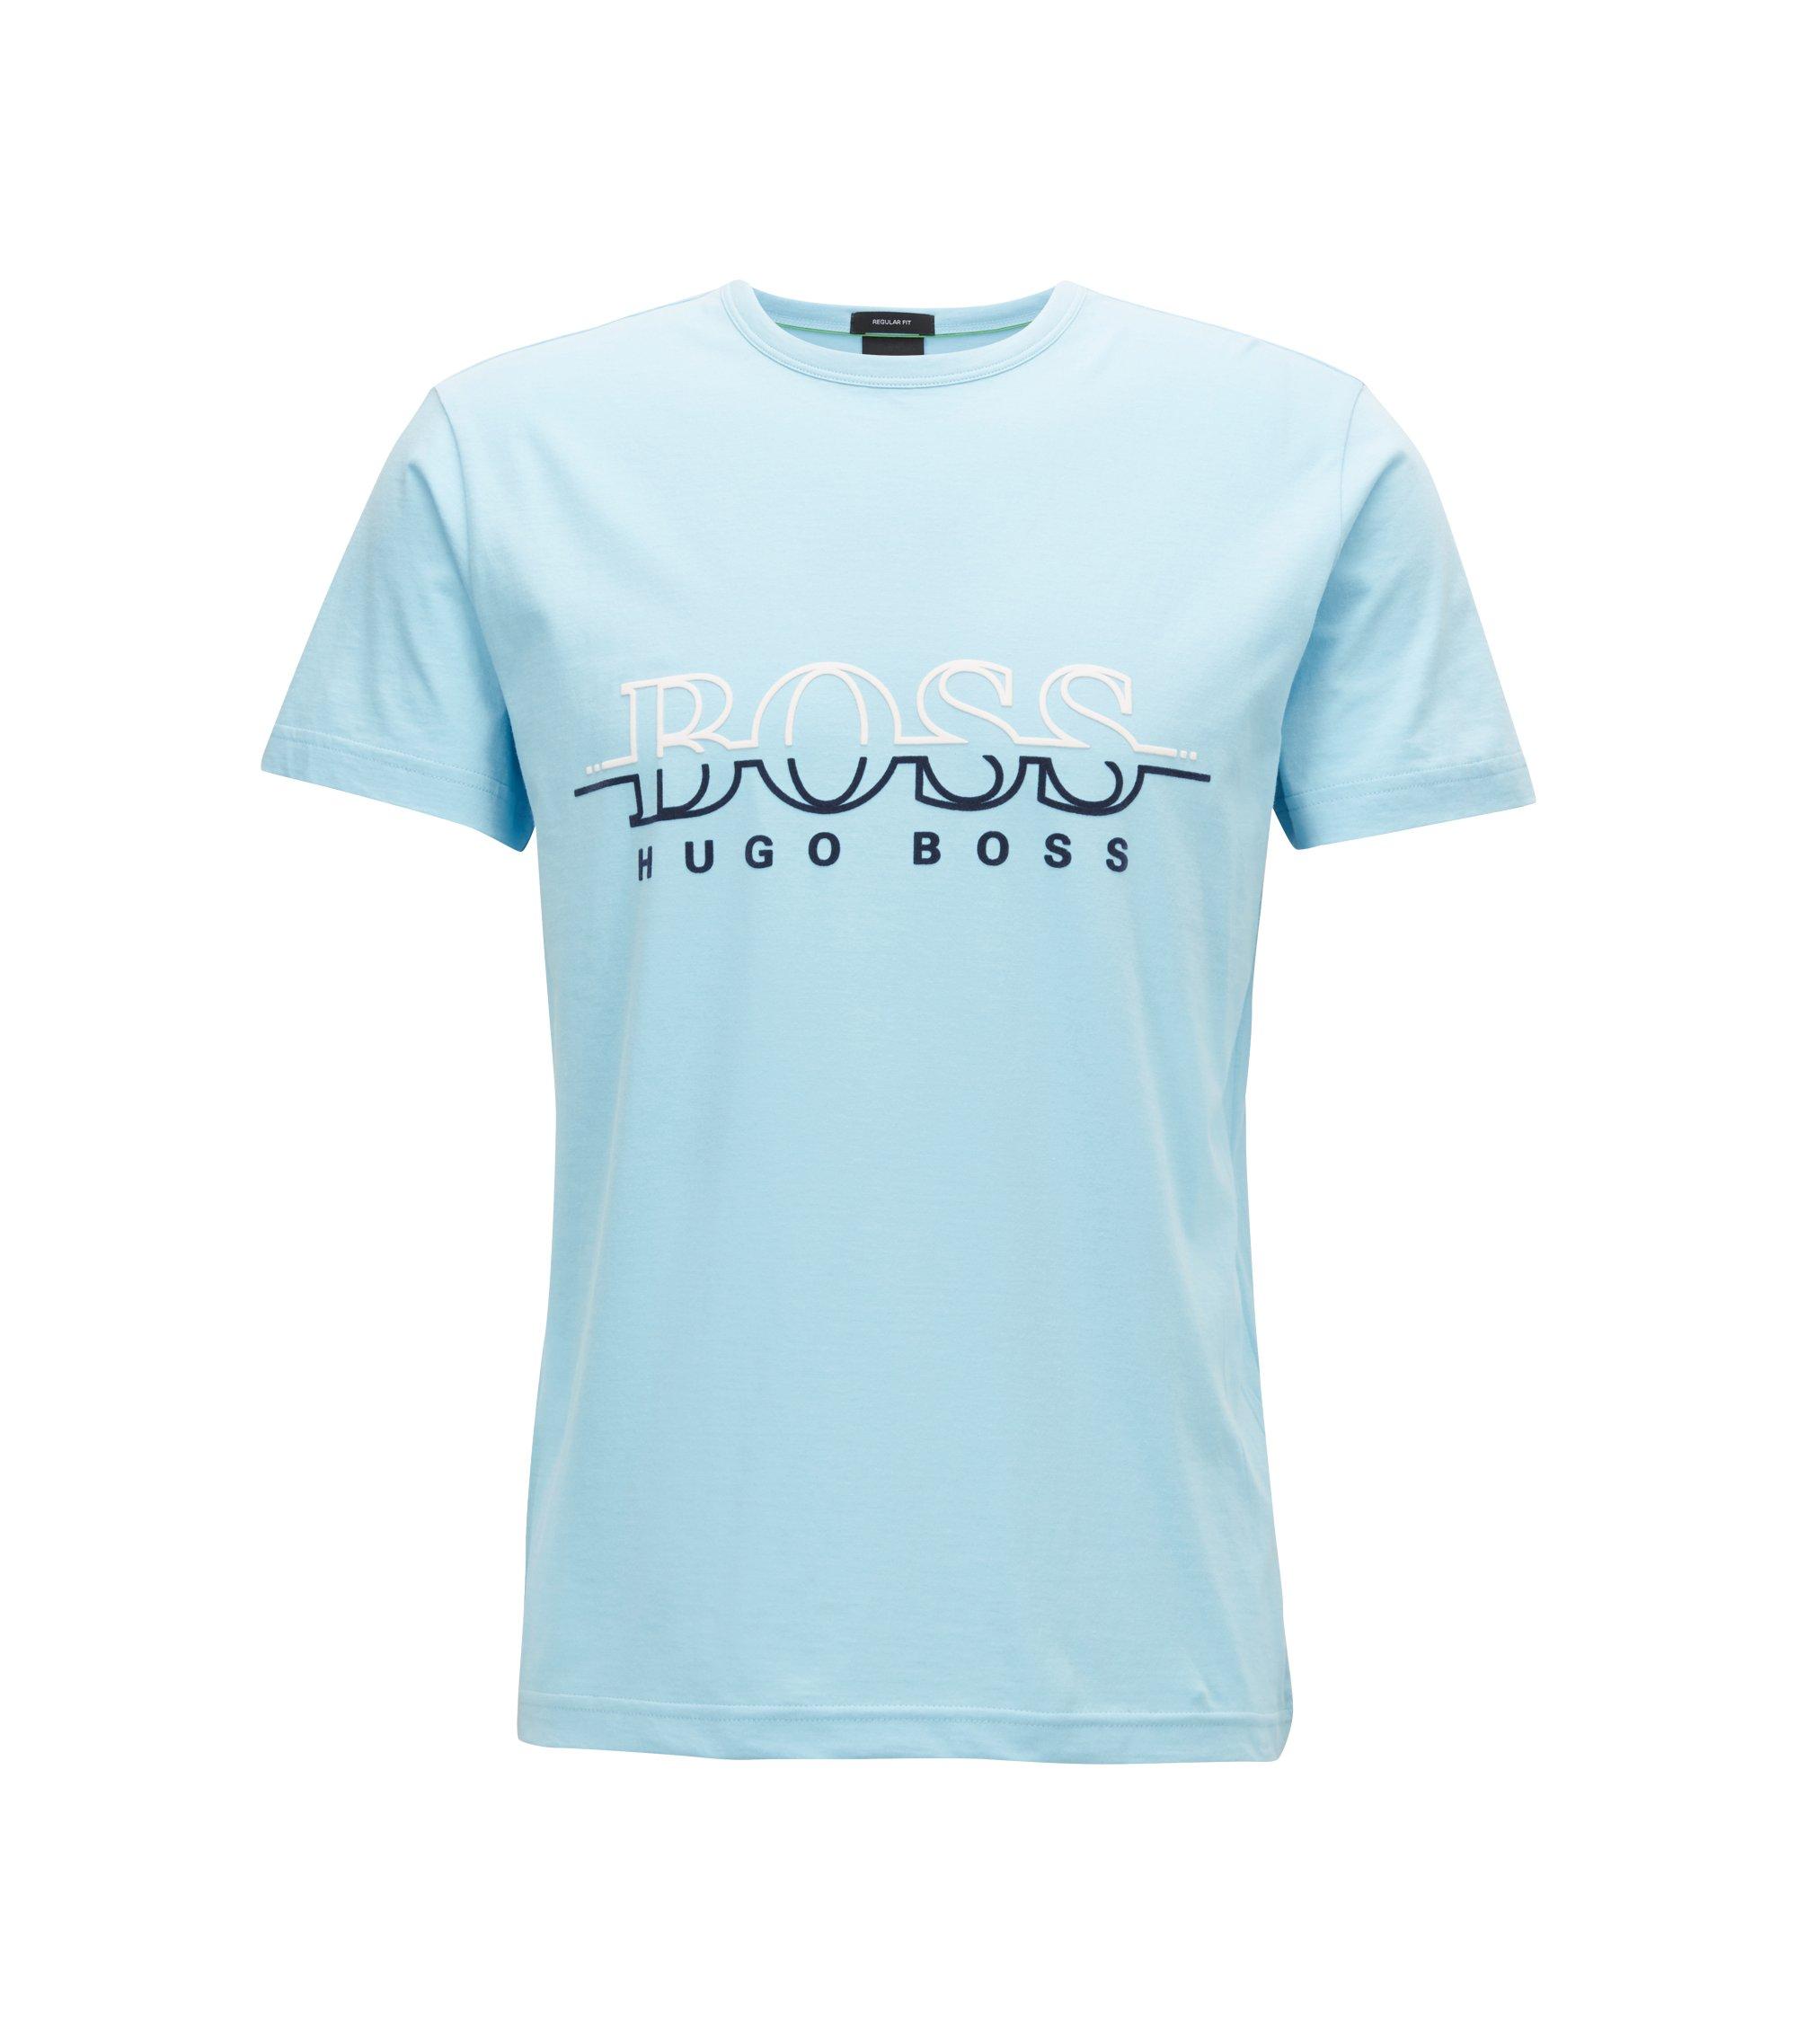 T-Shirt aus Single Jersey mit Rundhalsausschnitt und Flockdruck-Logo, Hellblau